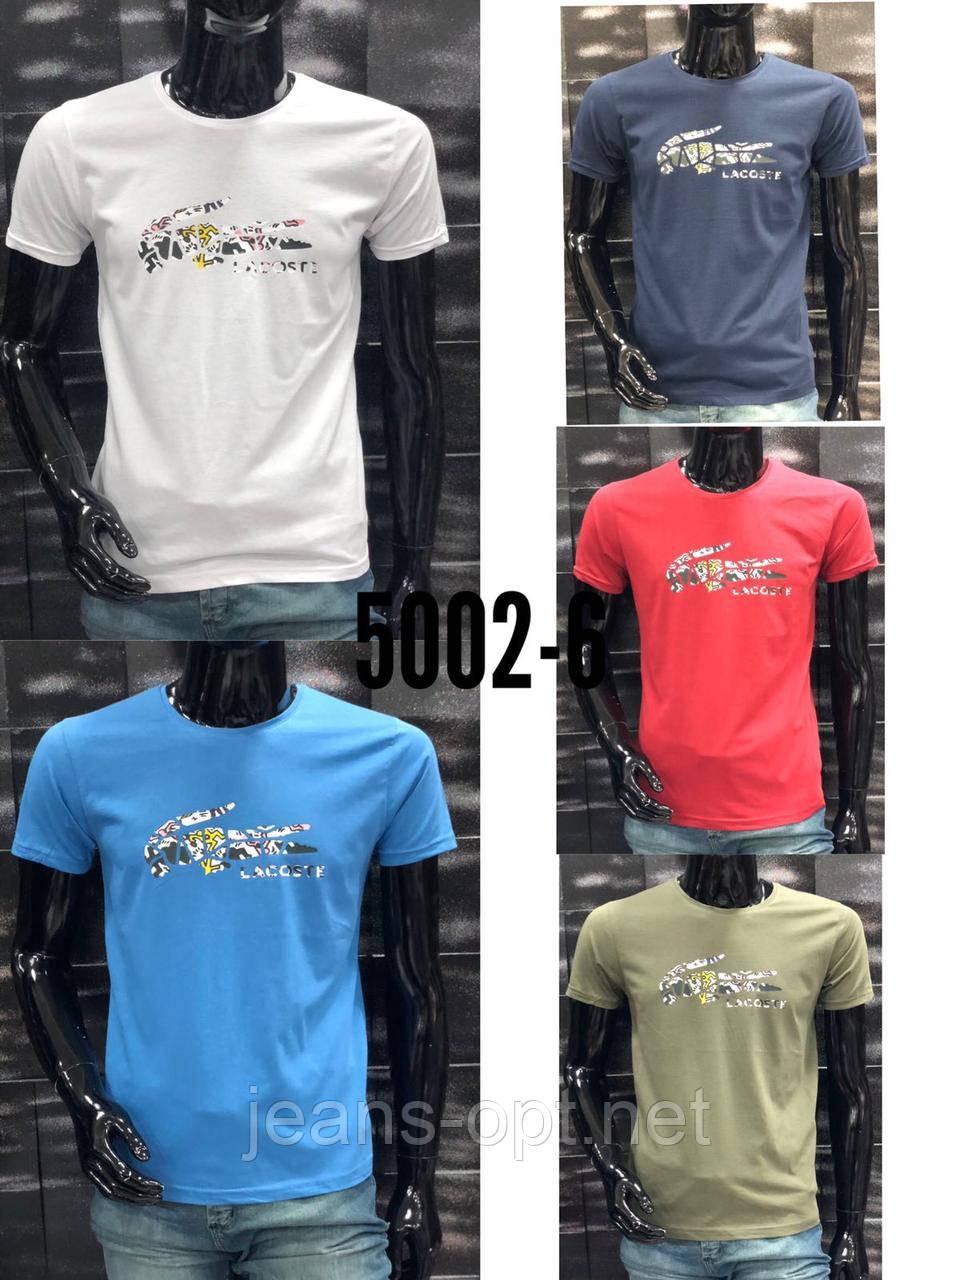 Мужские футболки брендовые 5002-6